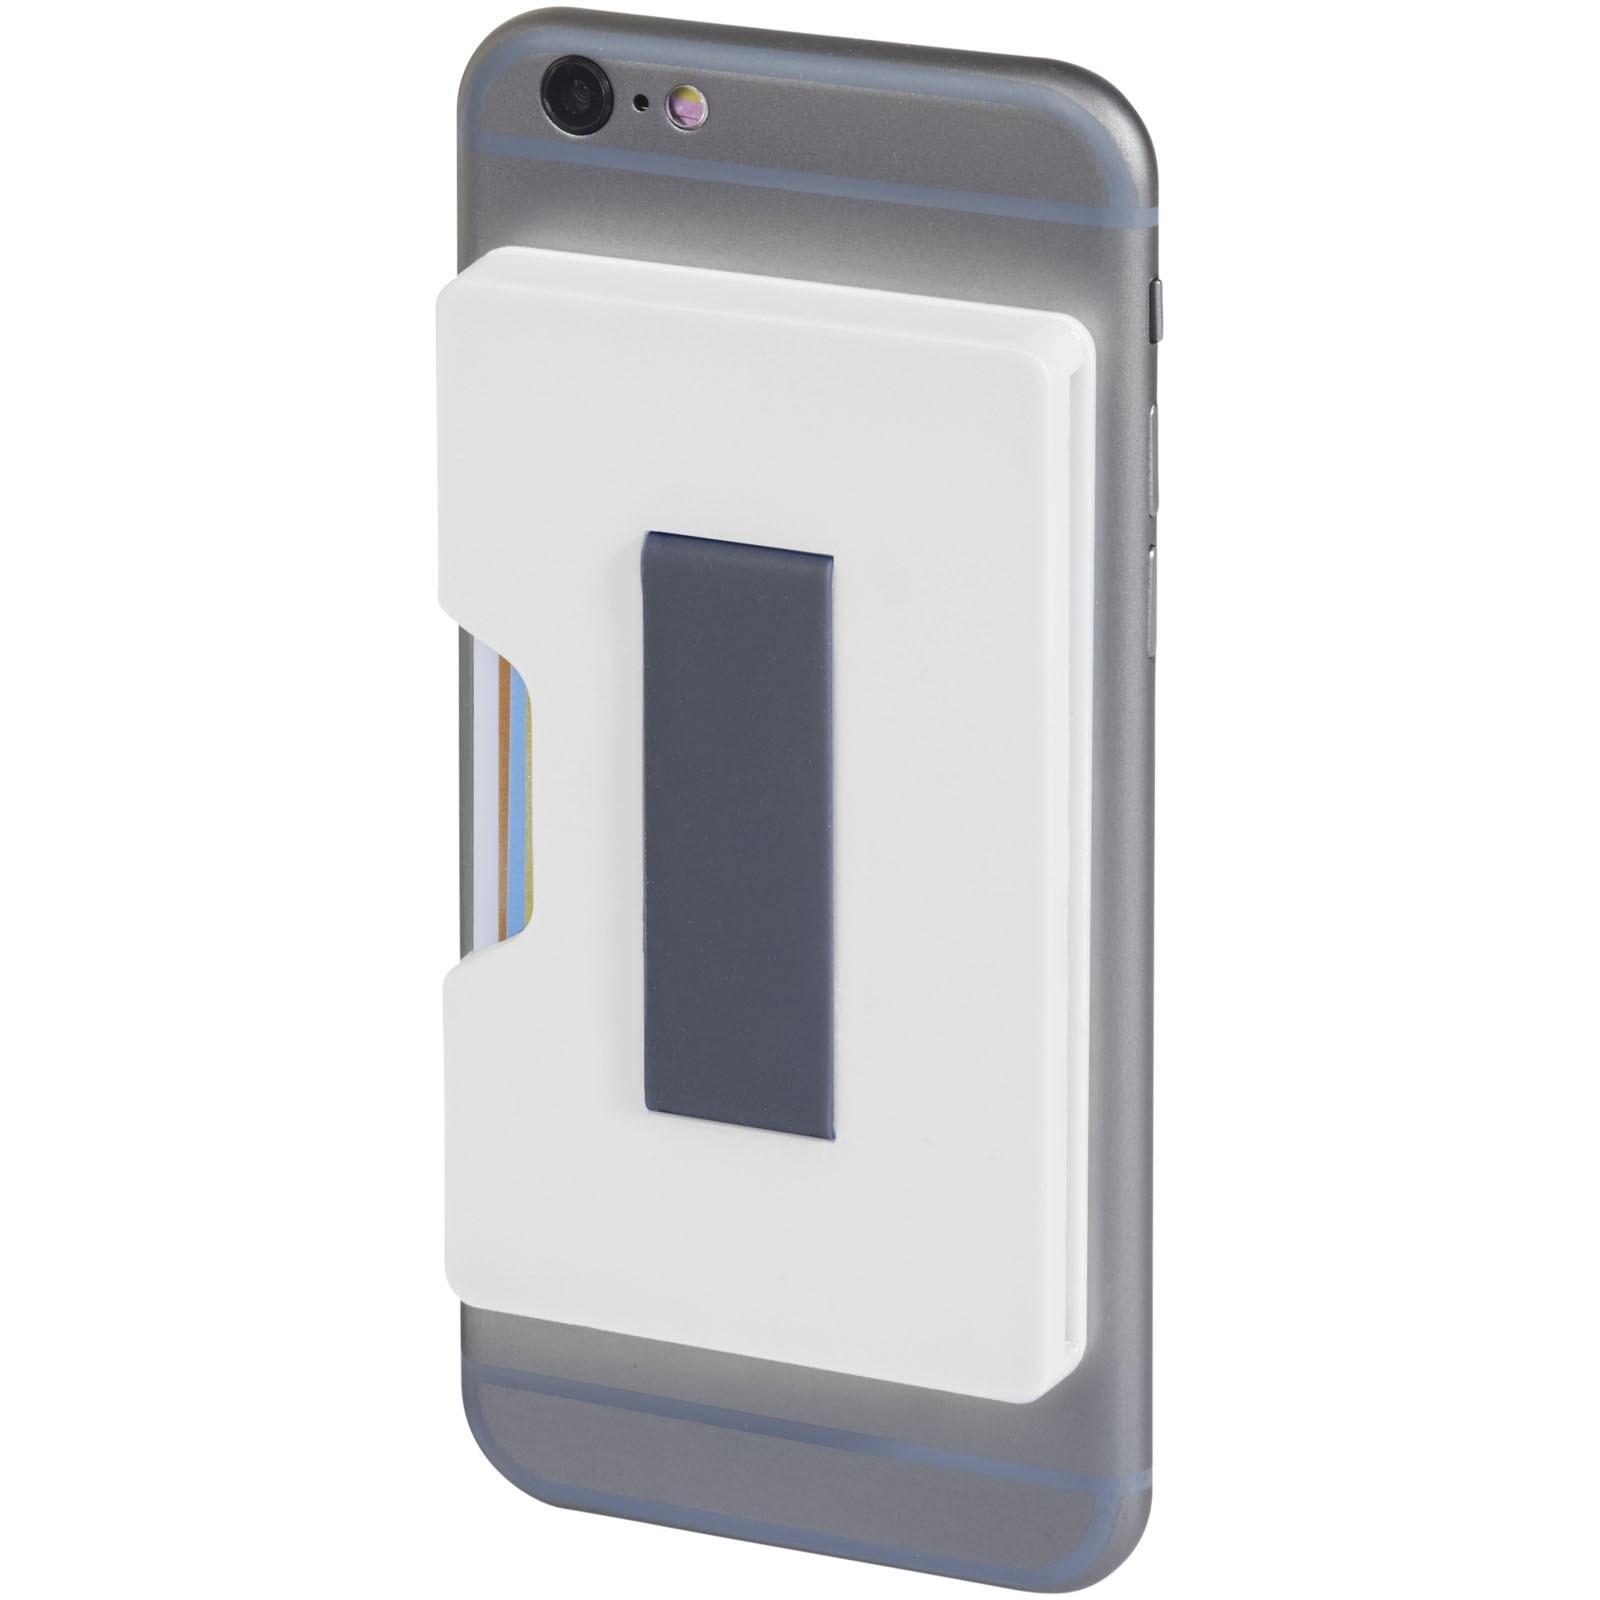 Shield RFID pouzdro na karty - Bílá